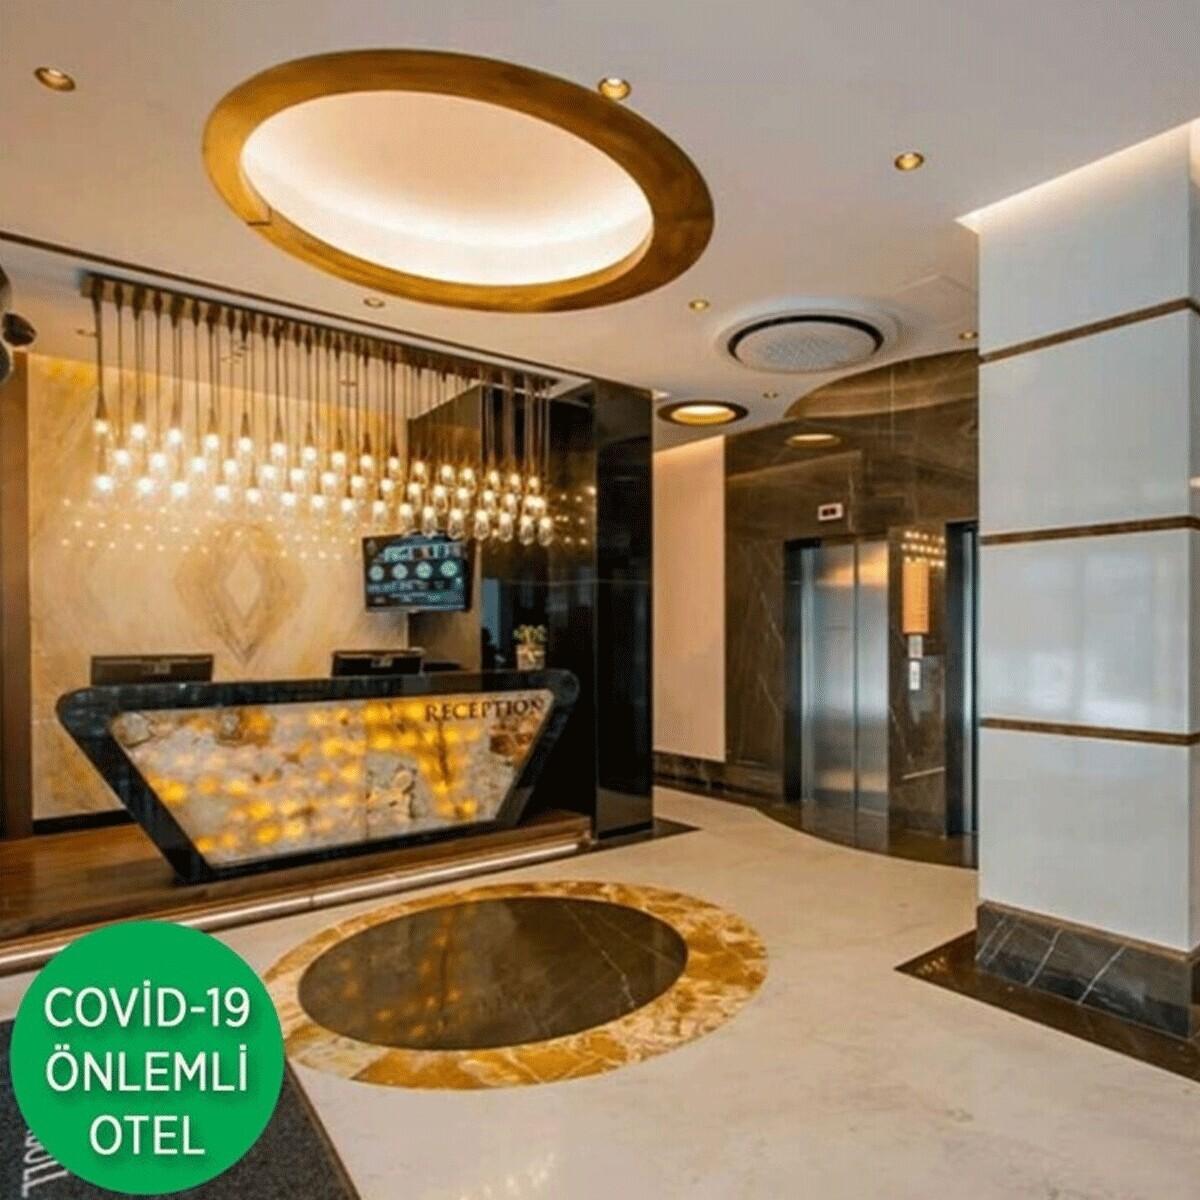 Febor İstanbul Bomonti Hotel & Spa'da Çift Kişilik Konaklama Keyfi